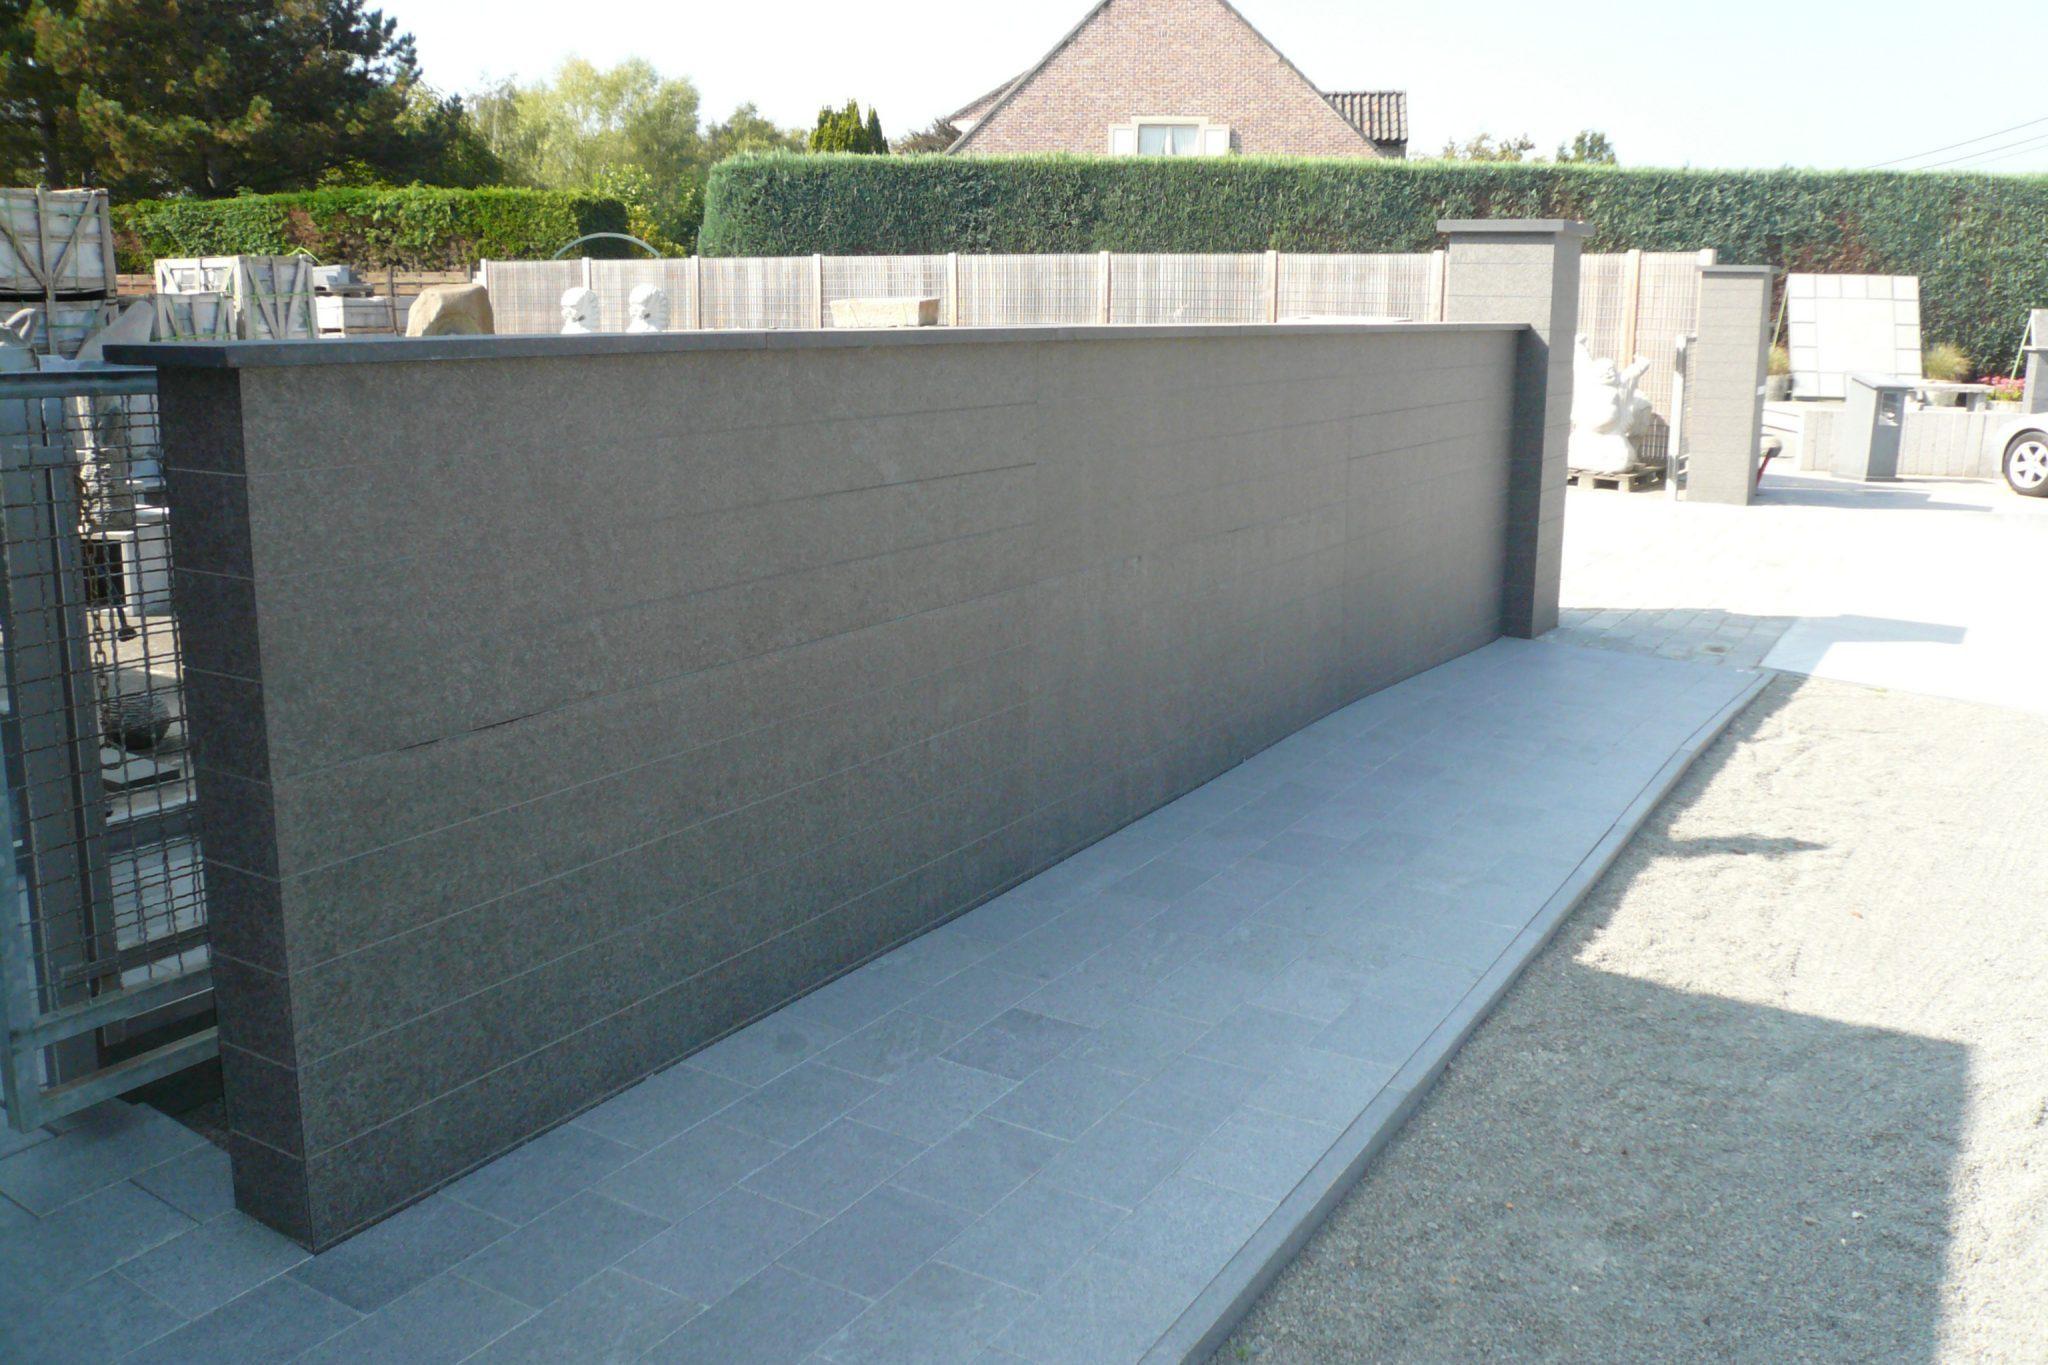 Woonkamer kleur beige bruine - Zwarte muur in de woonkamer ...